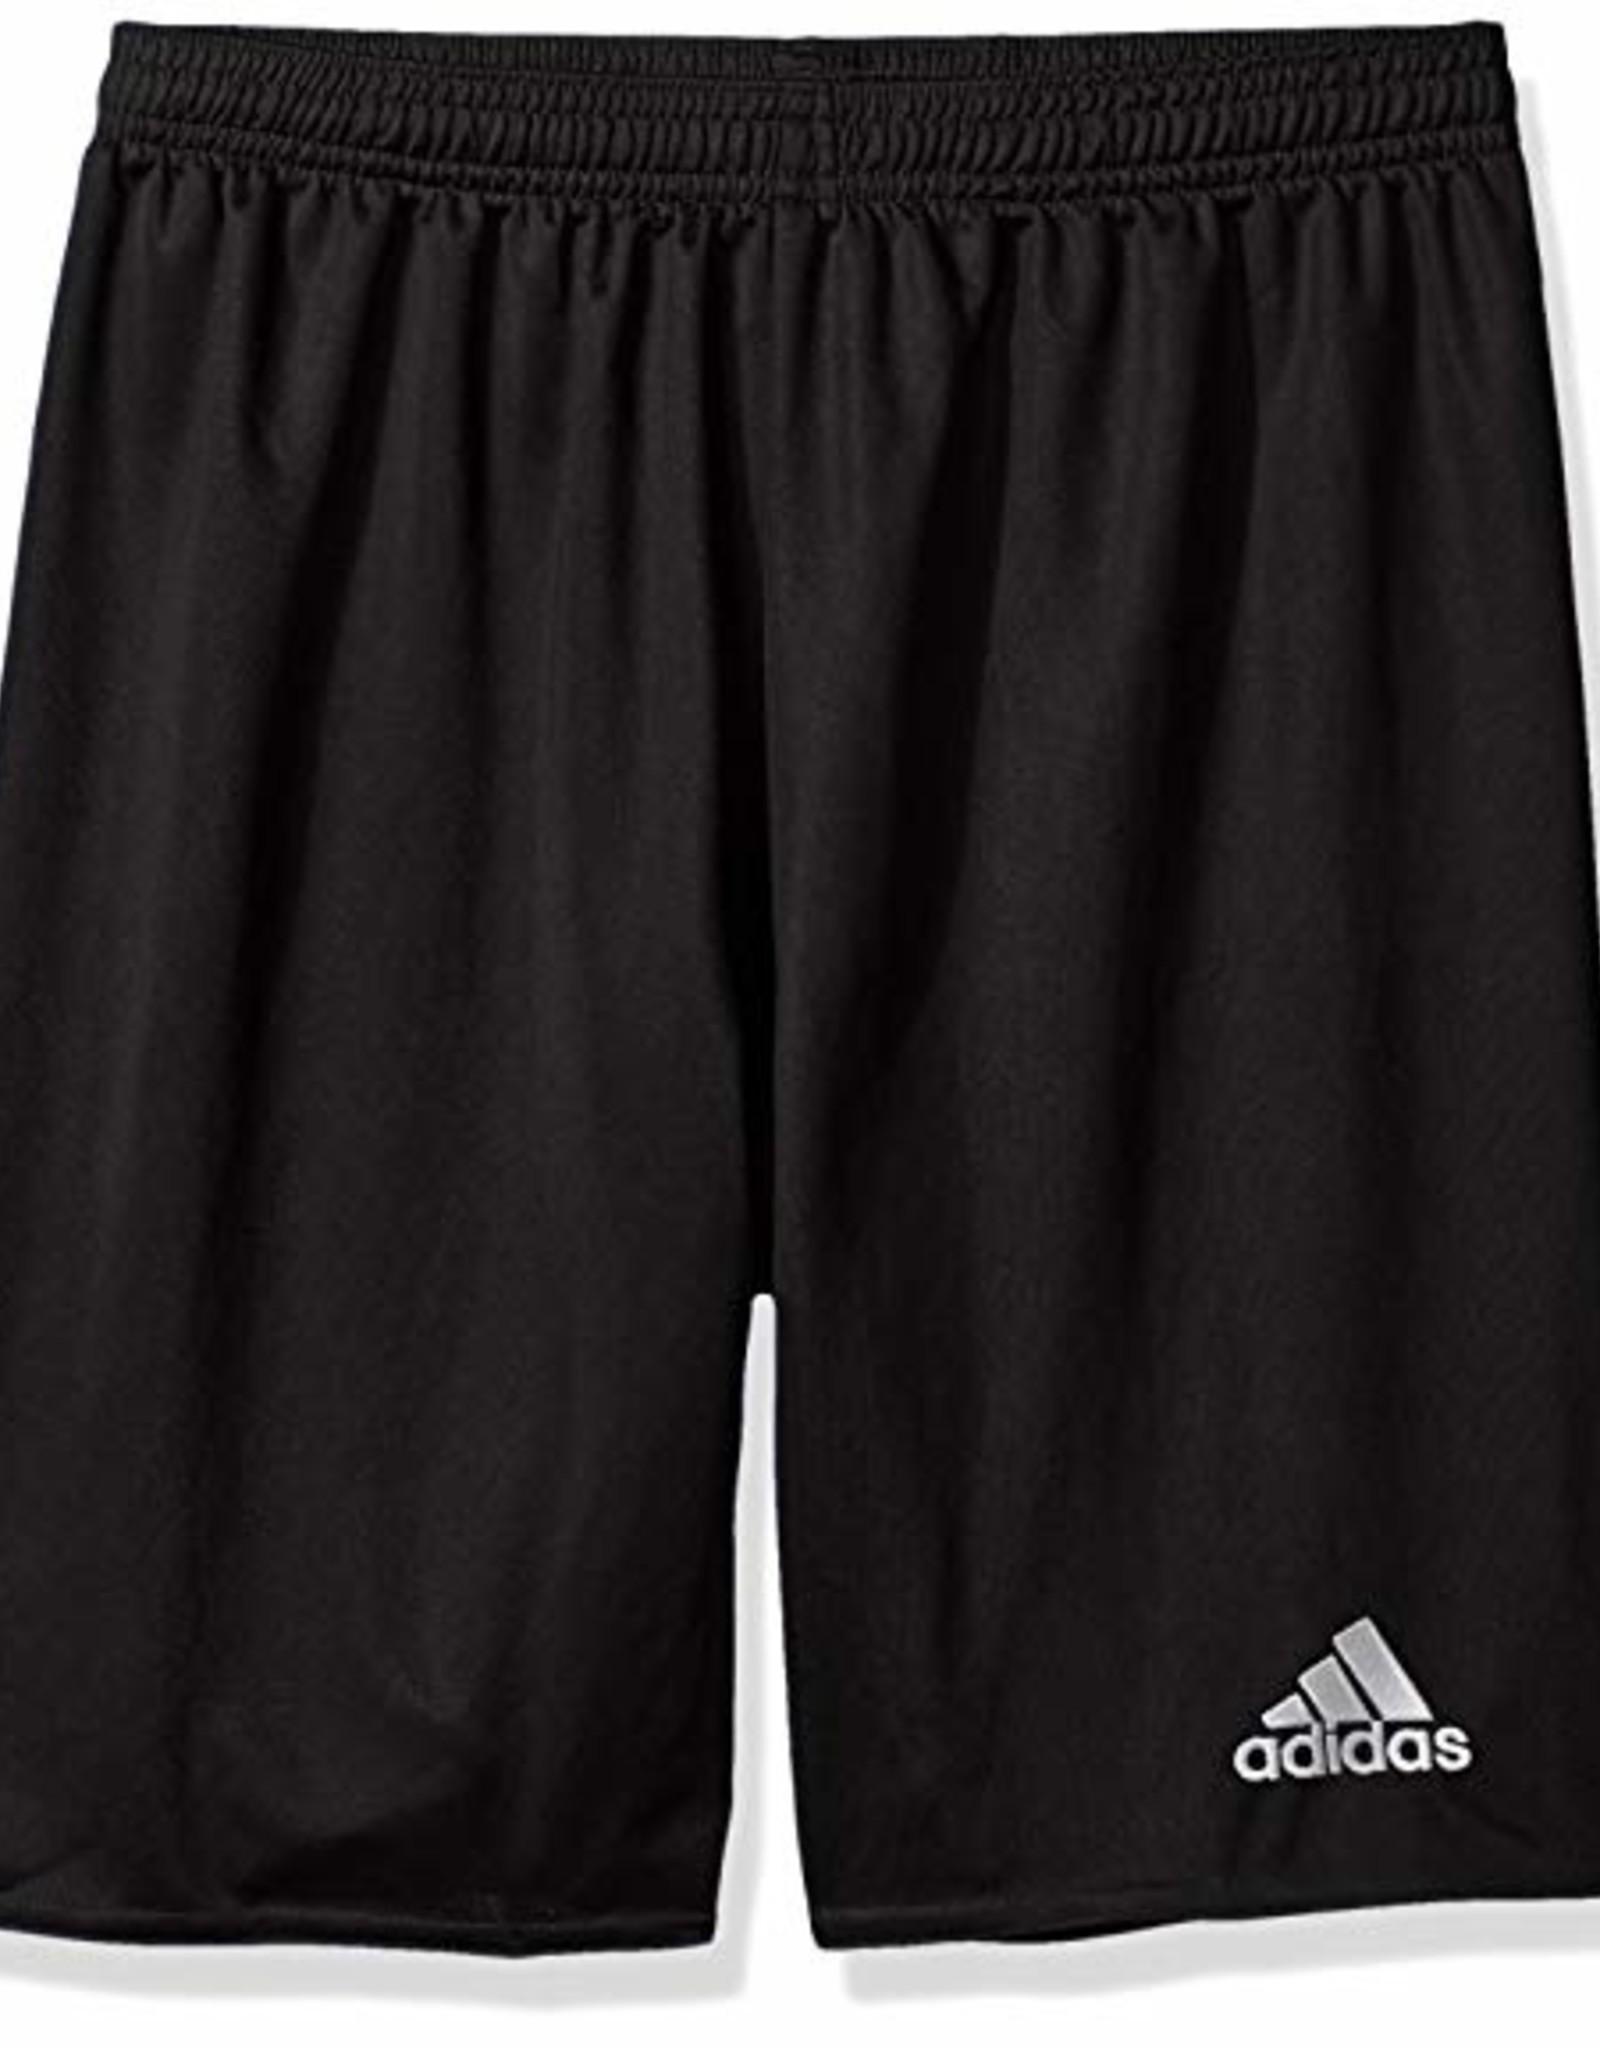 Adidas Adidas Parma 16 Shorts